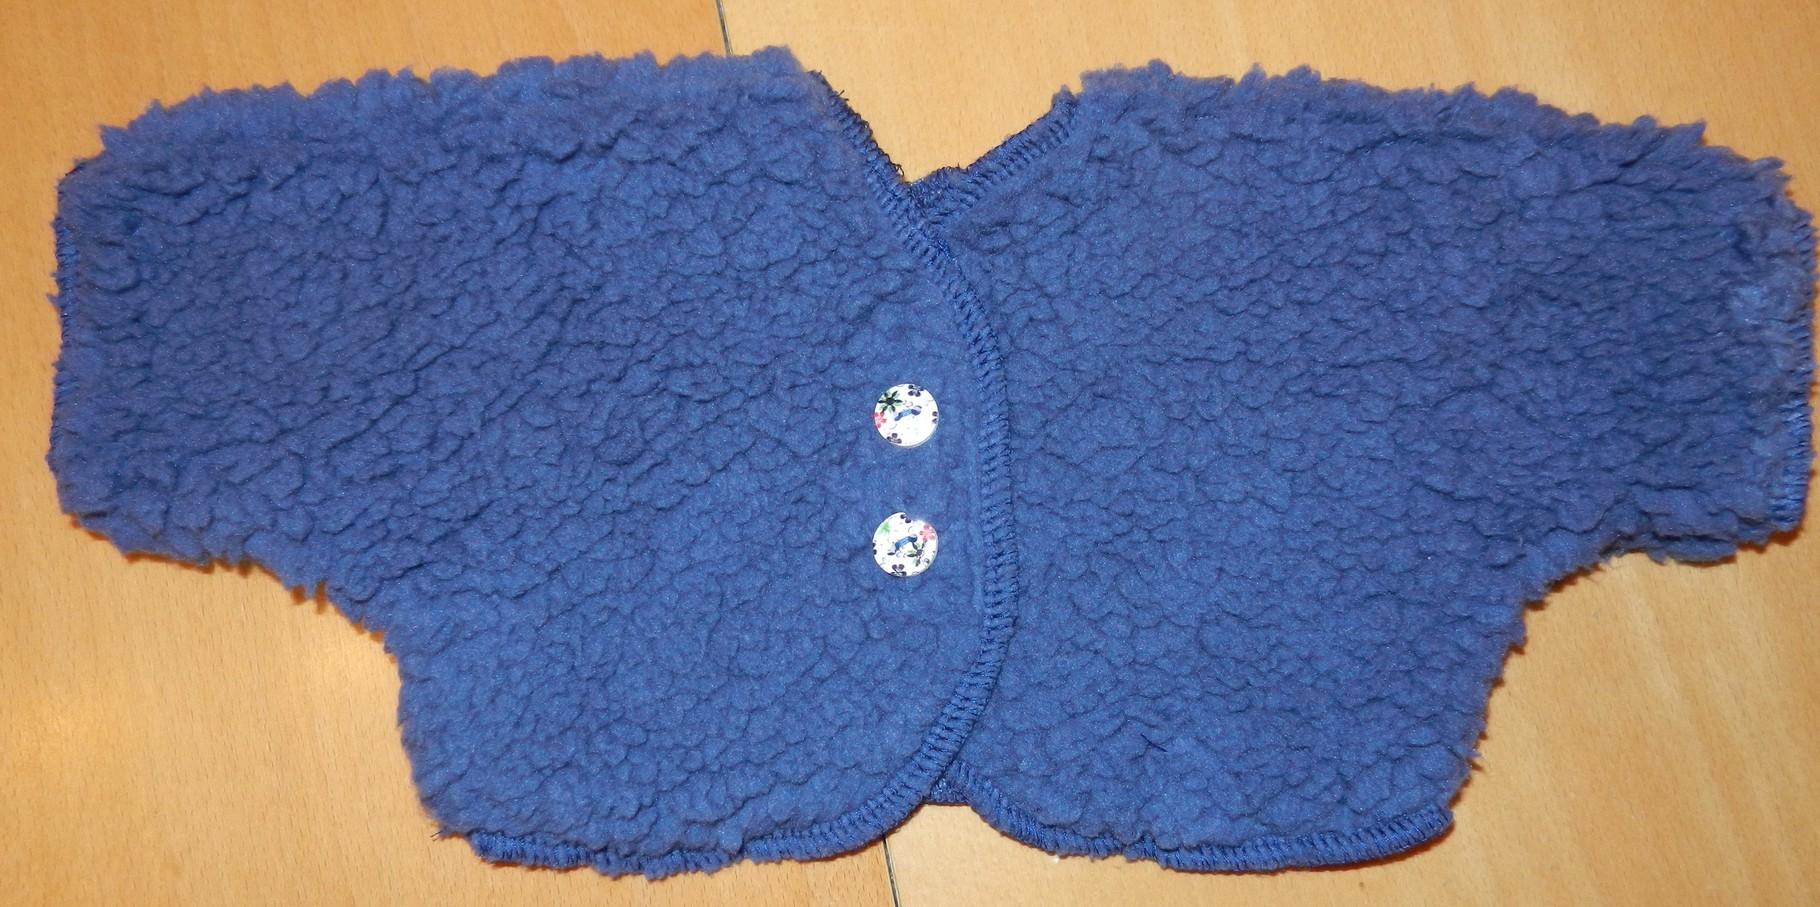 eine flauschige Jacke mit 2 Zierknöpfen, durch einen Klettverschluß kann die Jacke geöffnet oder geschlossen werden